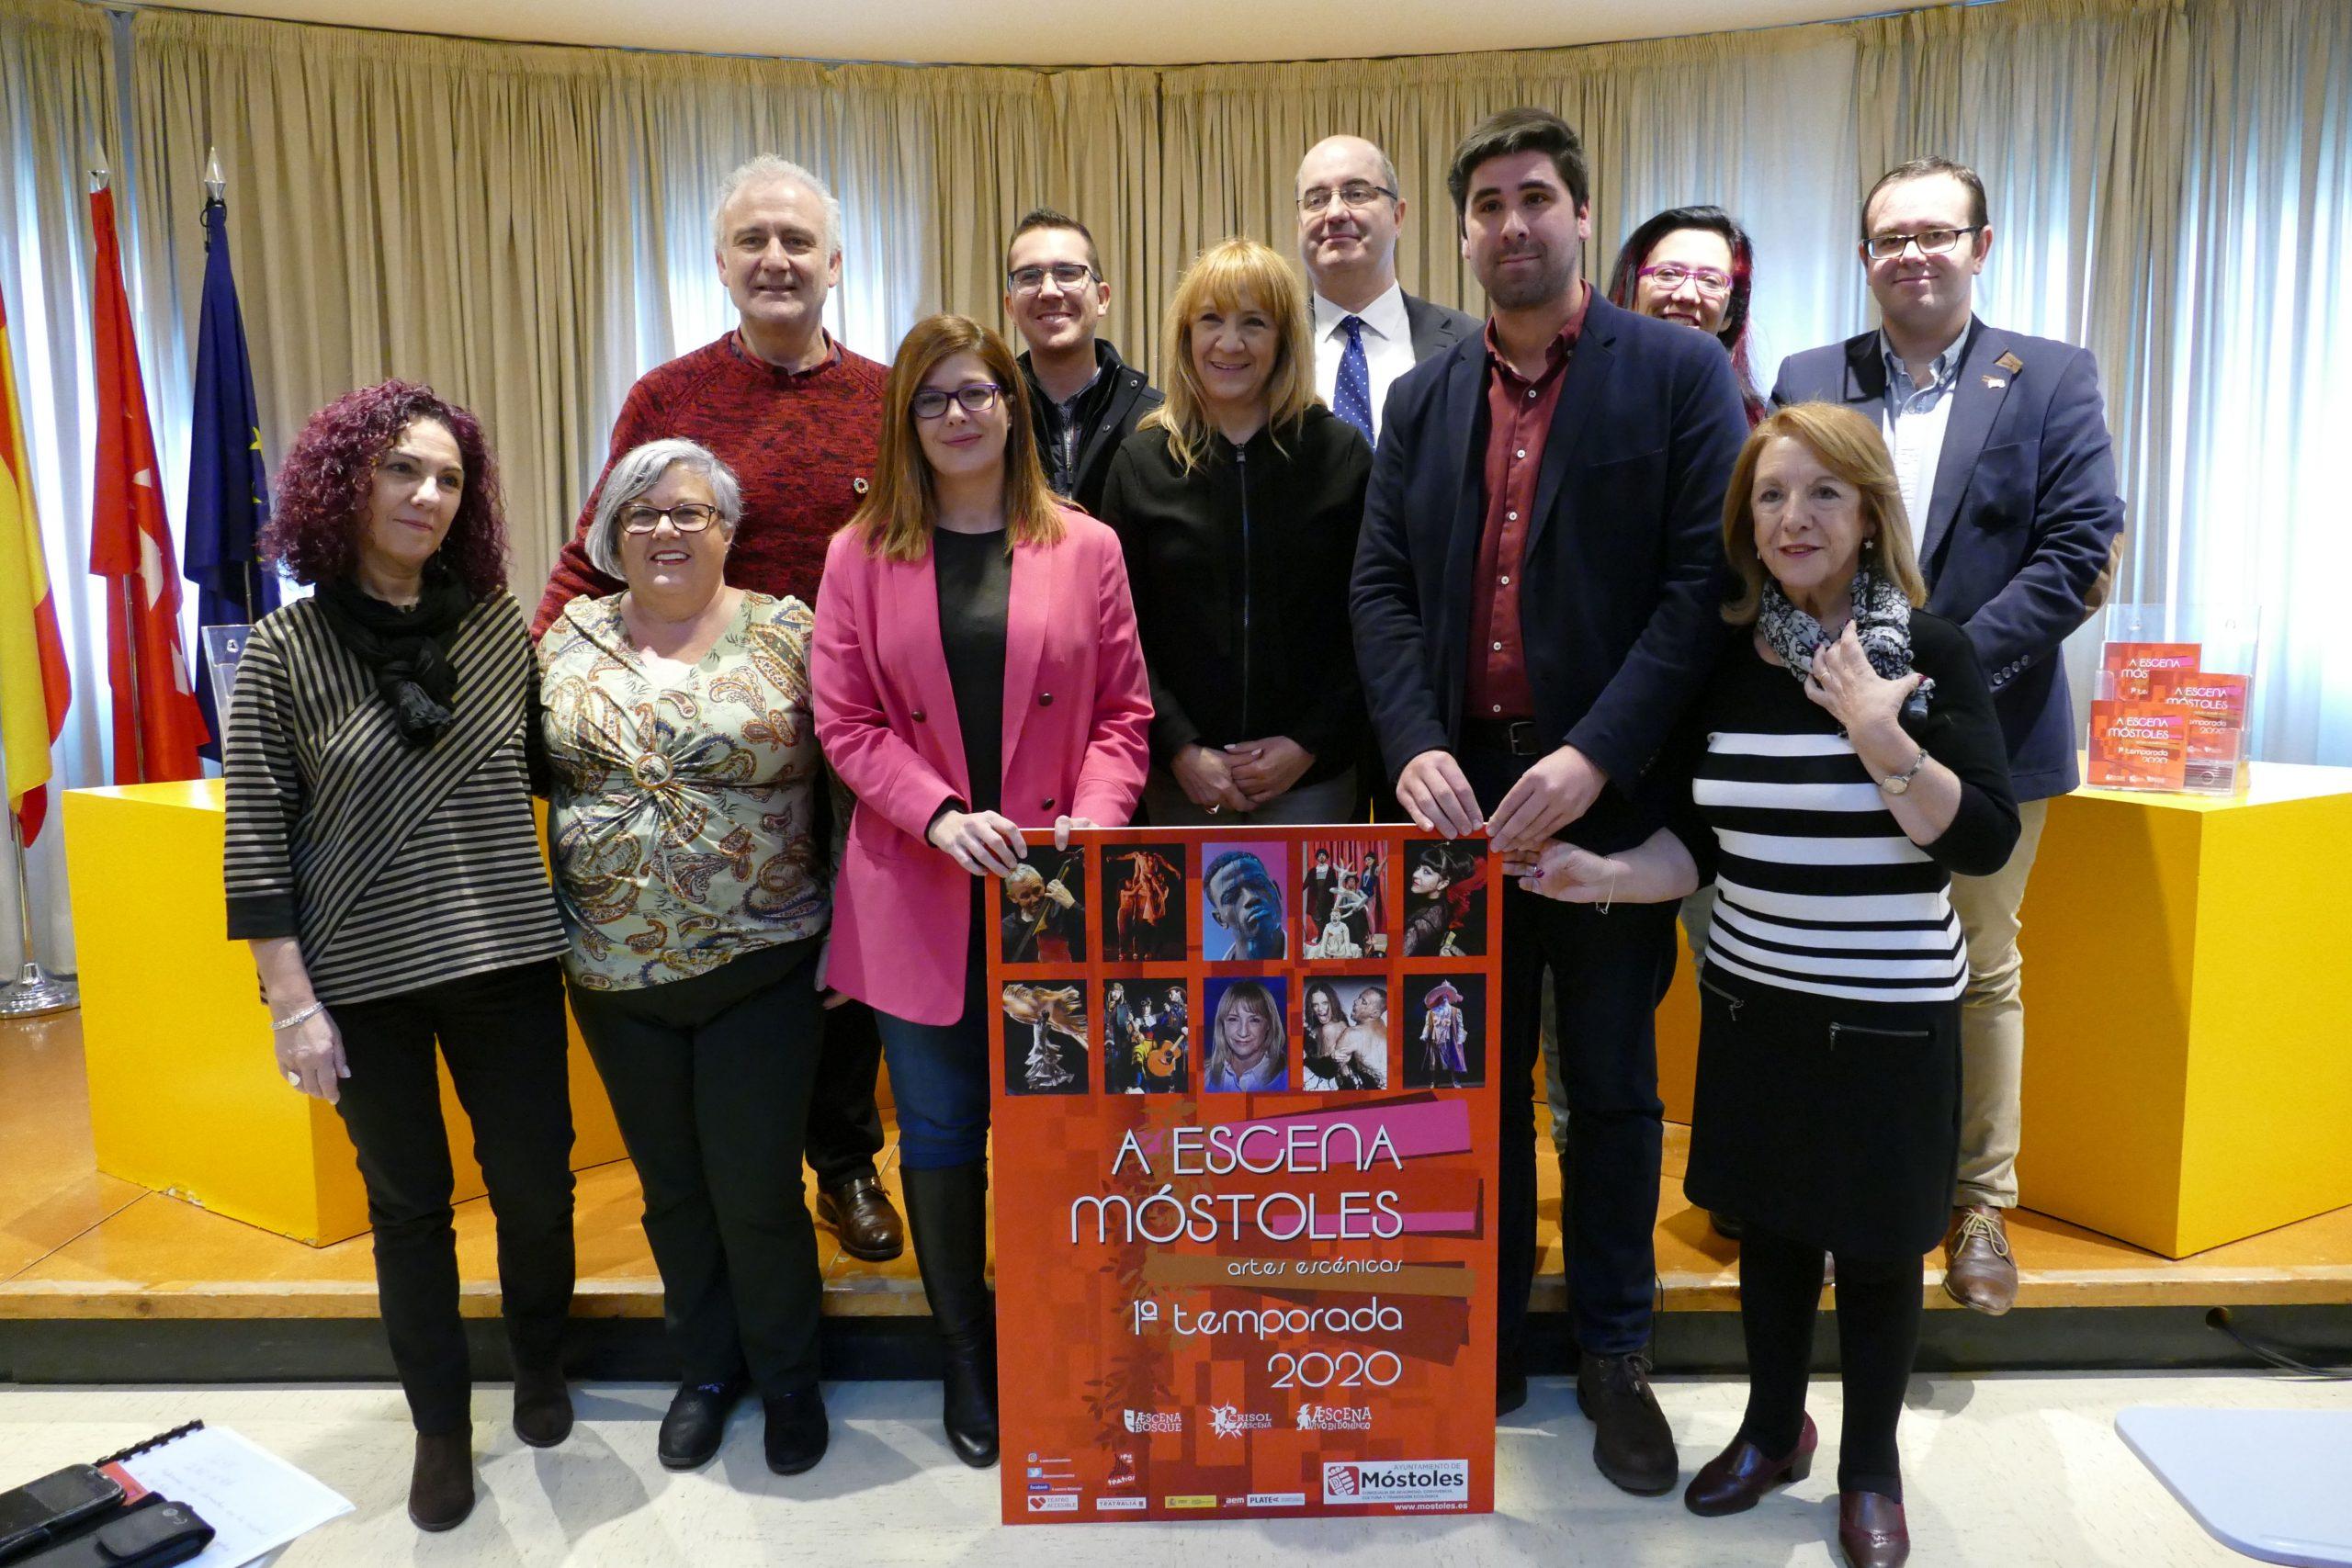 Blanca Portillo elogia la programación teatral de Móstoles en la presentación de 'A Escena 2020